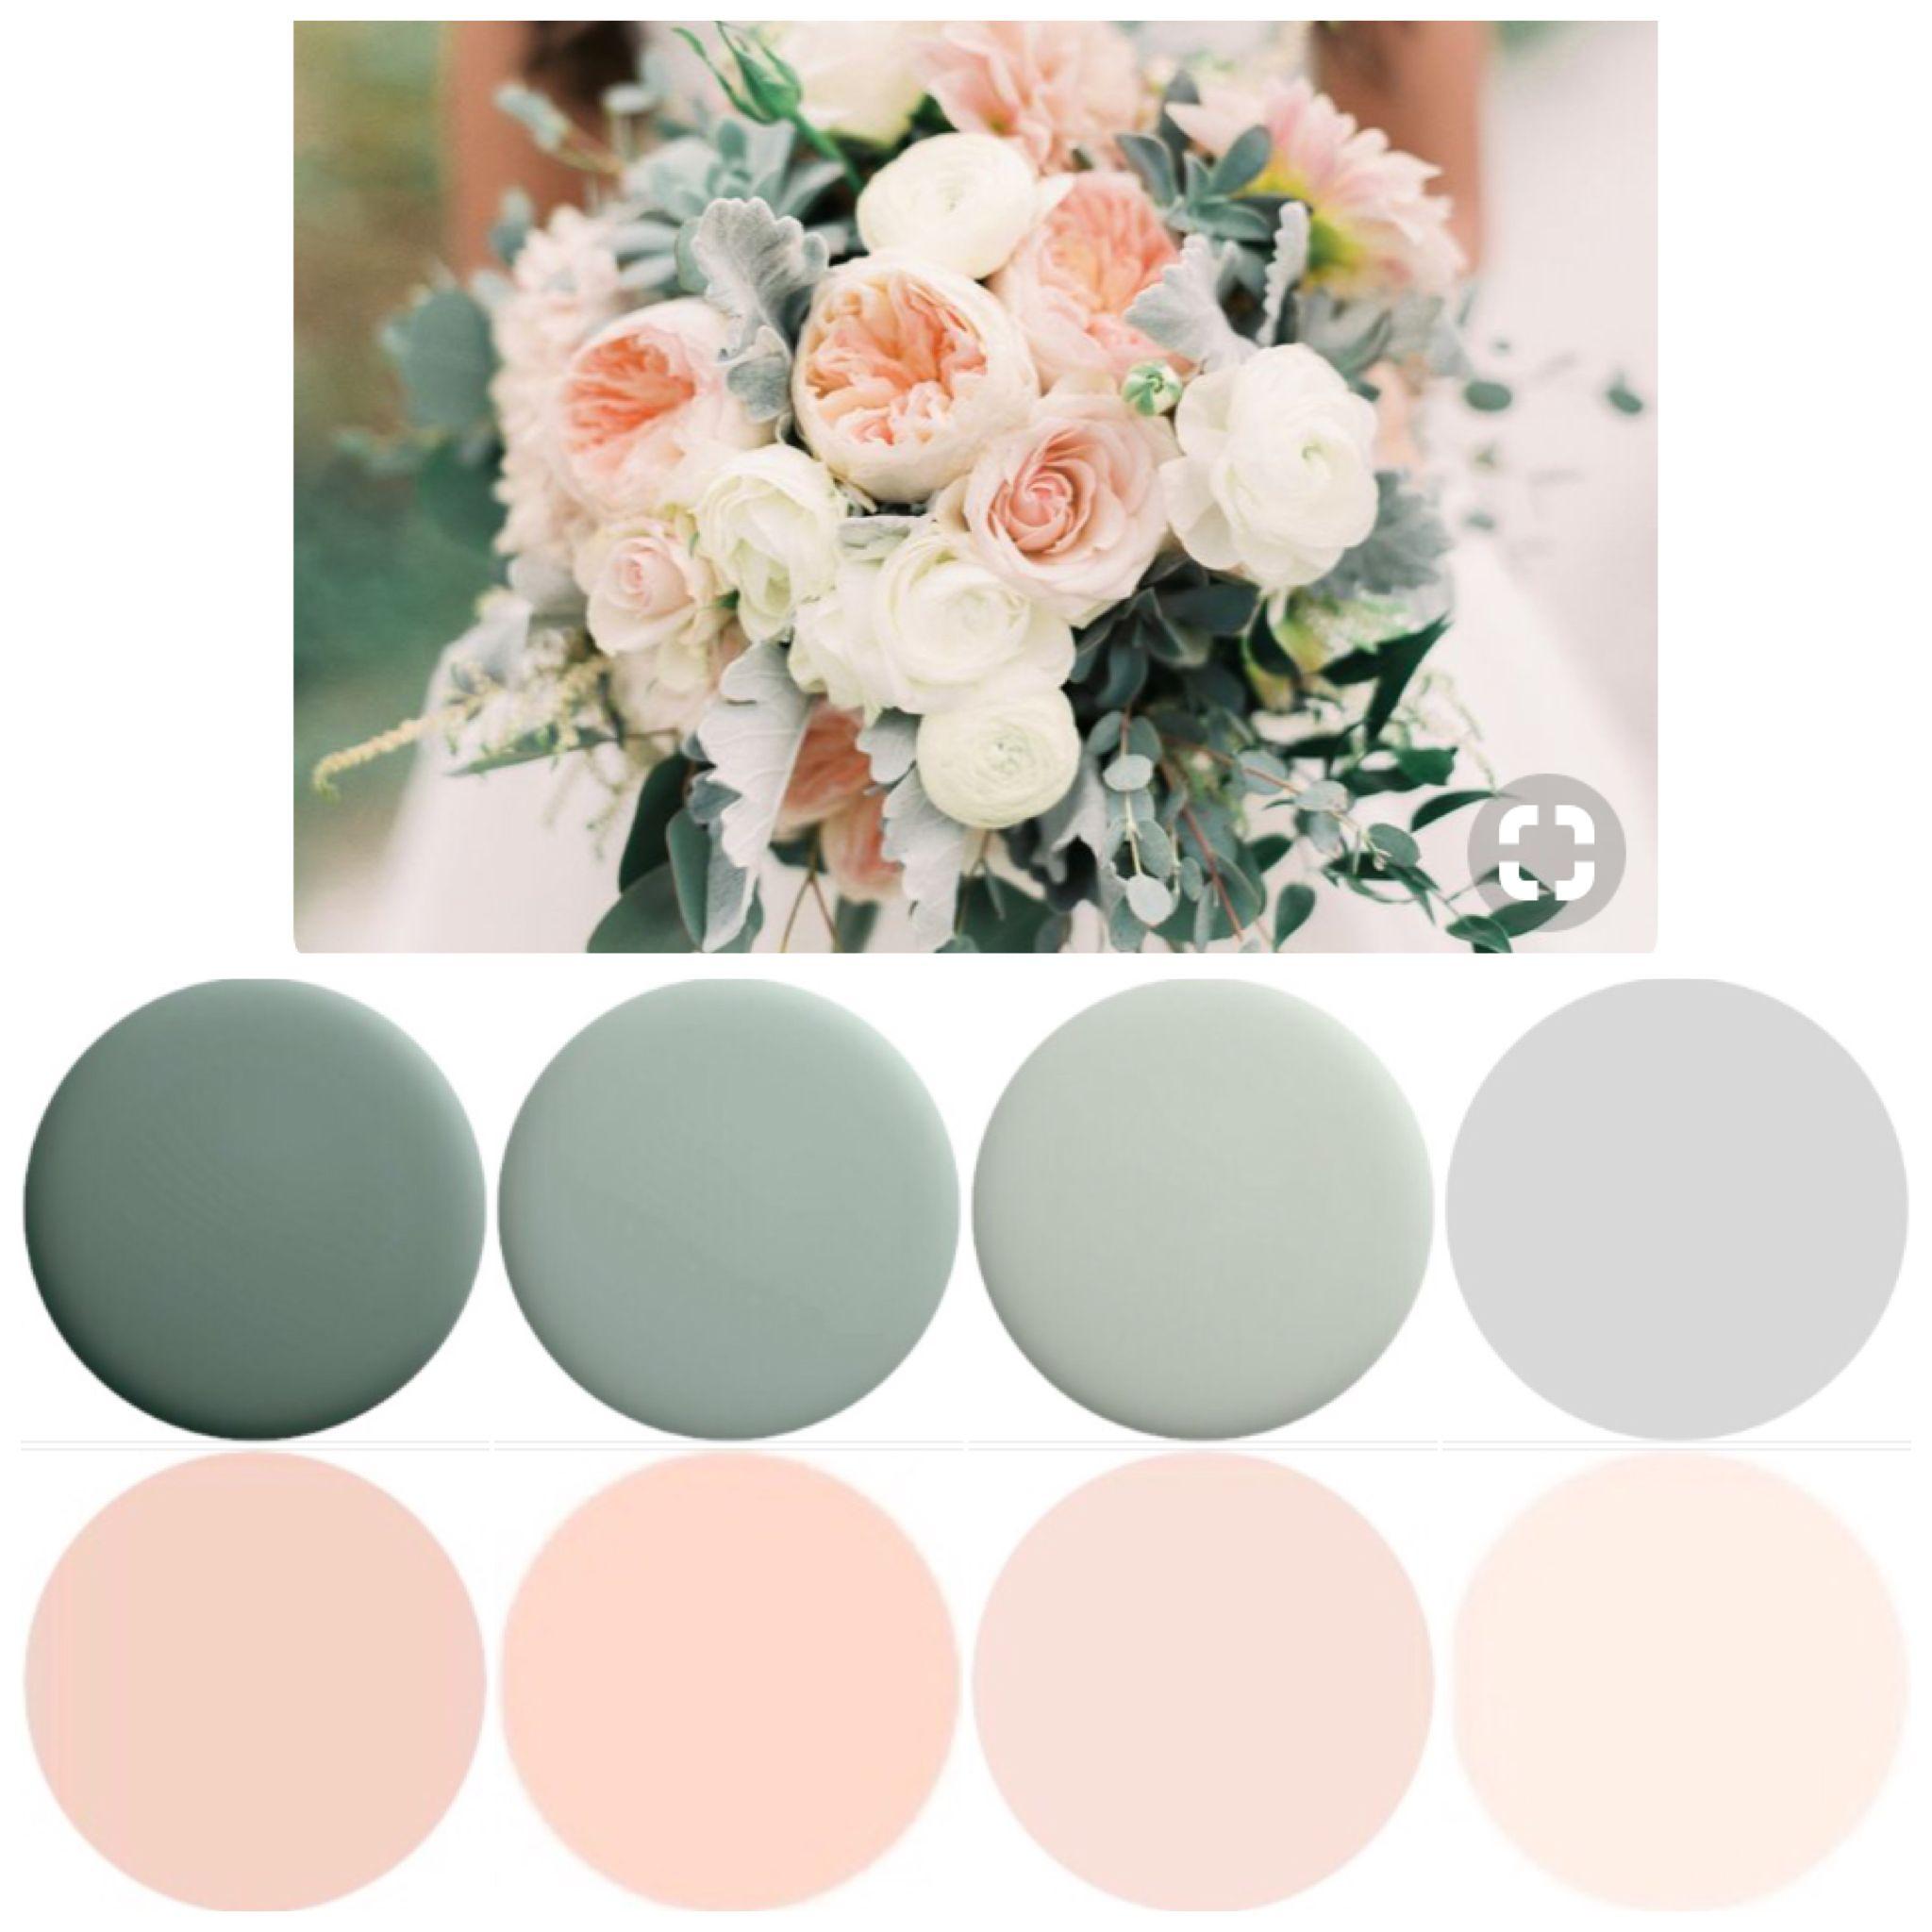 Flower hair pins blush sage green blue peach